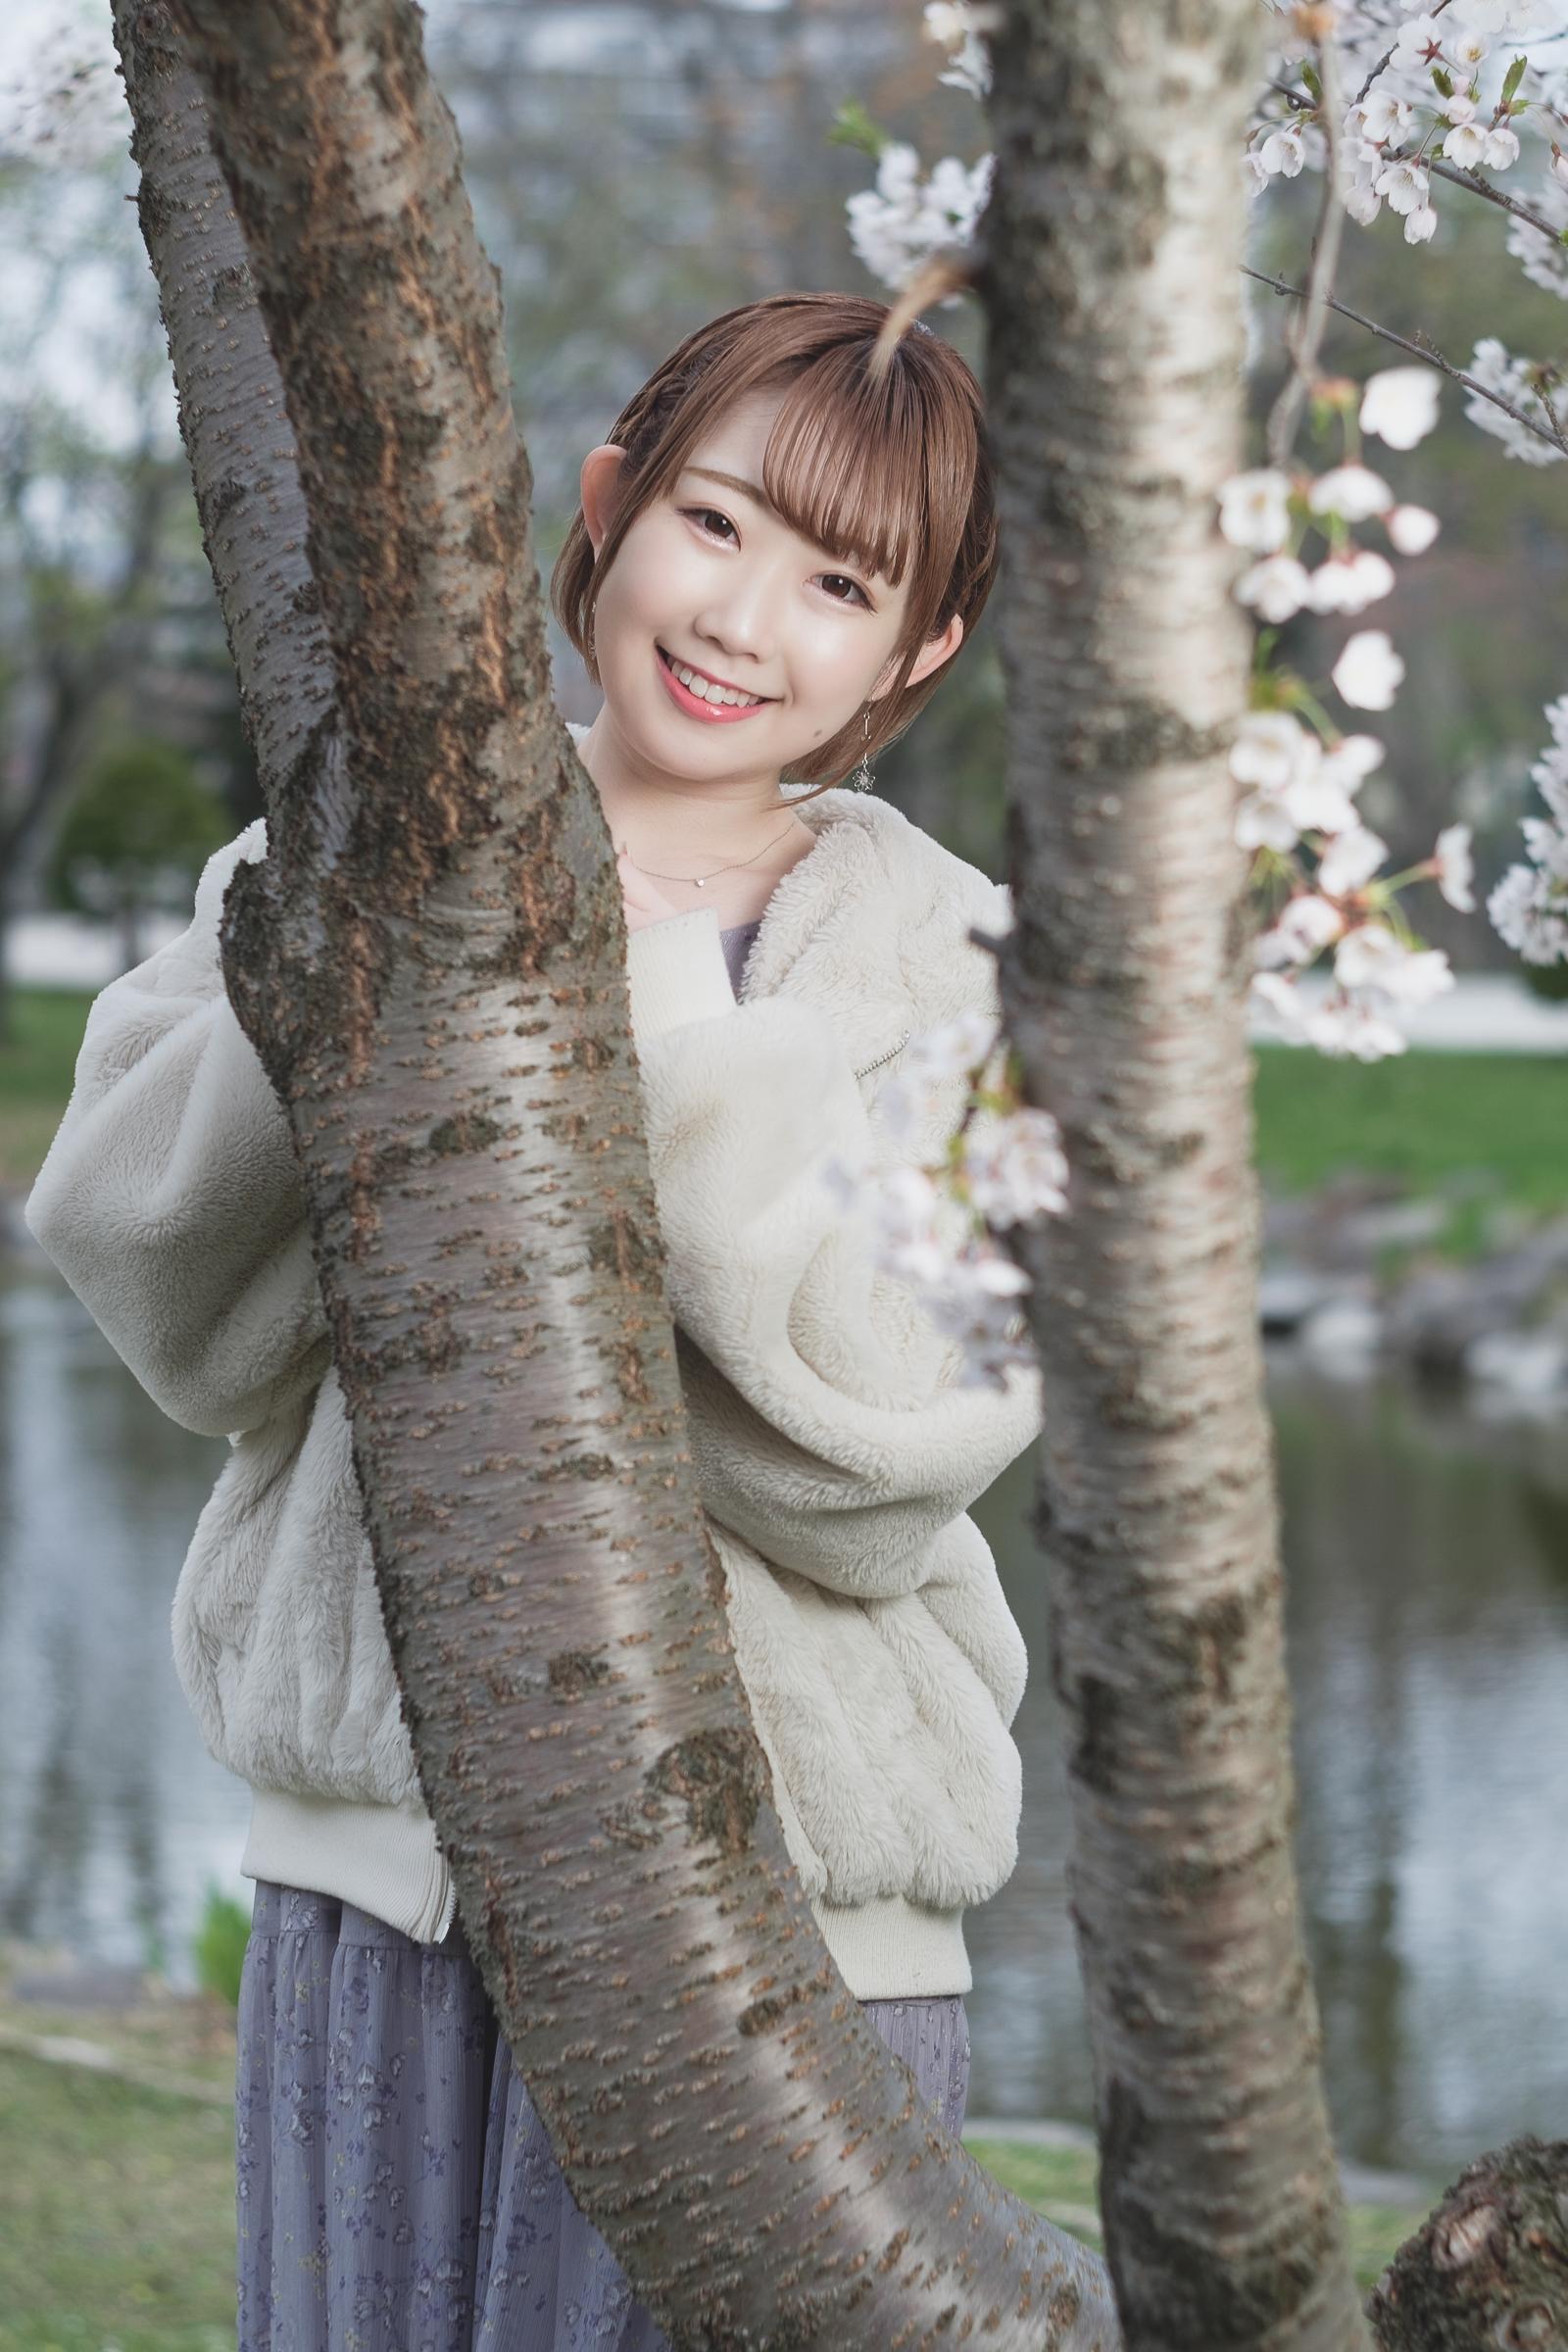 フルーティー♡ えま ( 矢上愛麻 ) | SMP 札幌モデルプロ「桜」撮影会 at 中島公園